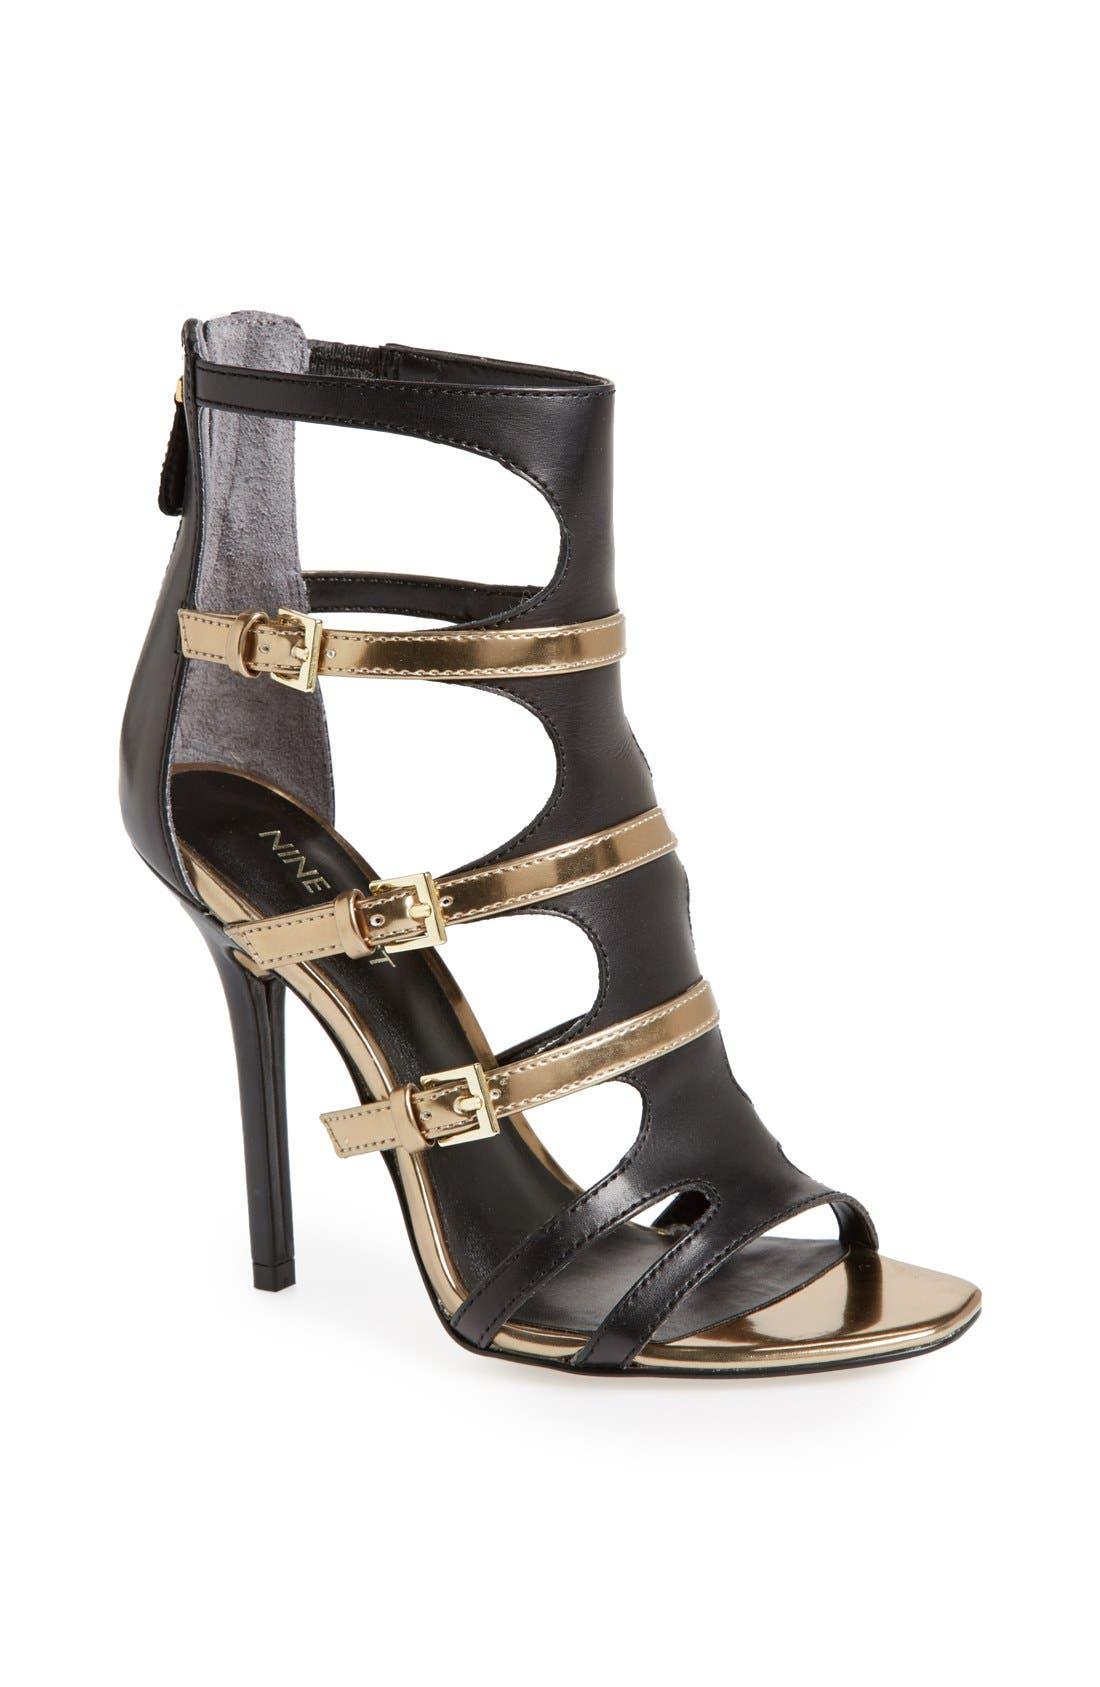 Main Image - Nine West 'Karoler' Gladiator Sandal